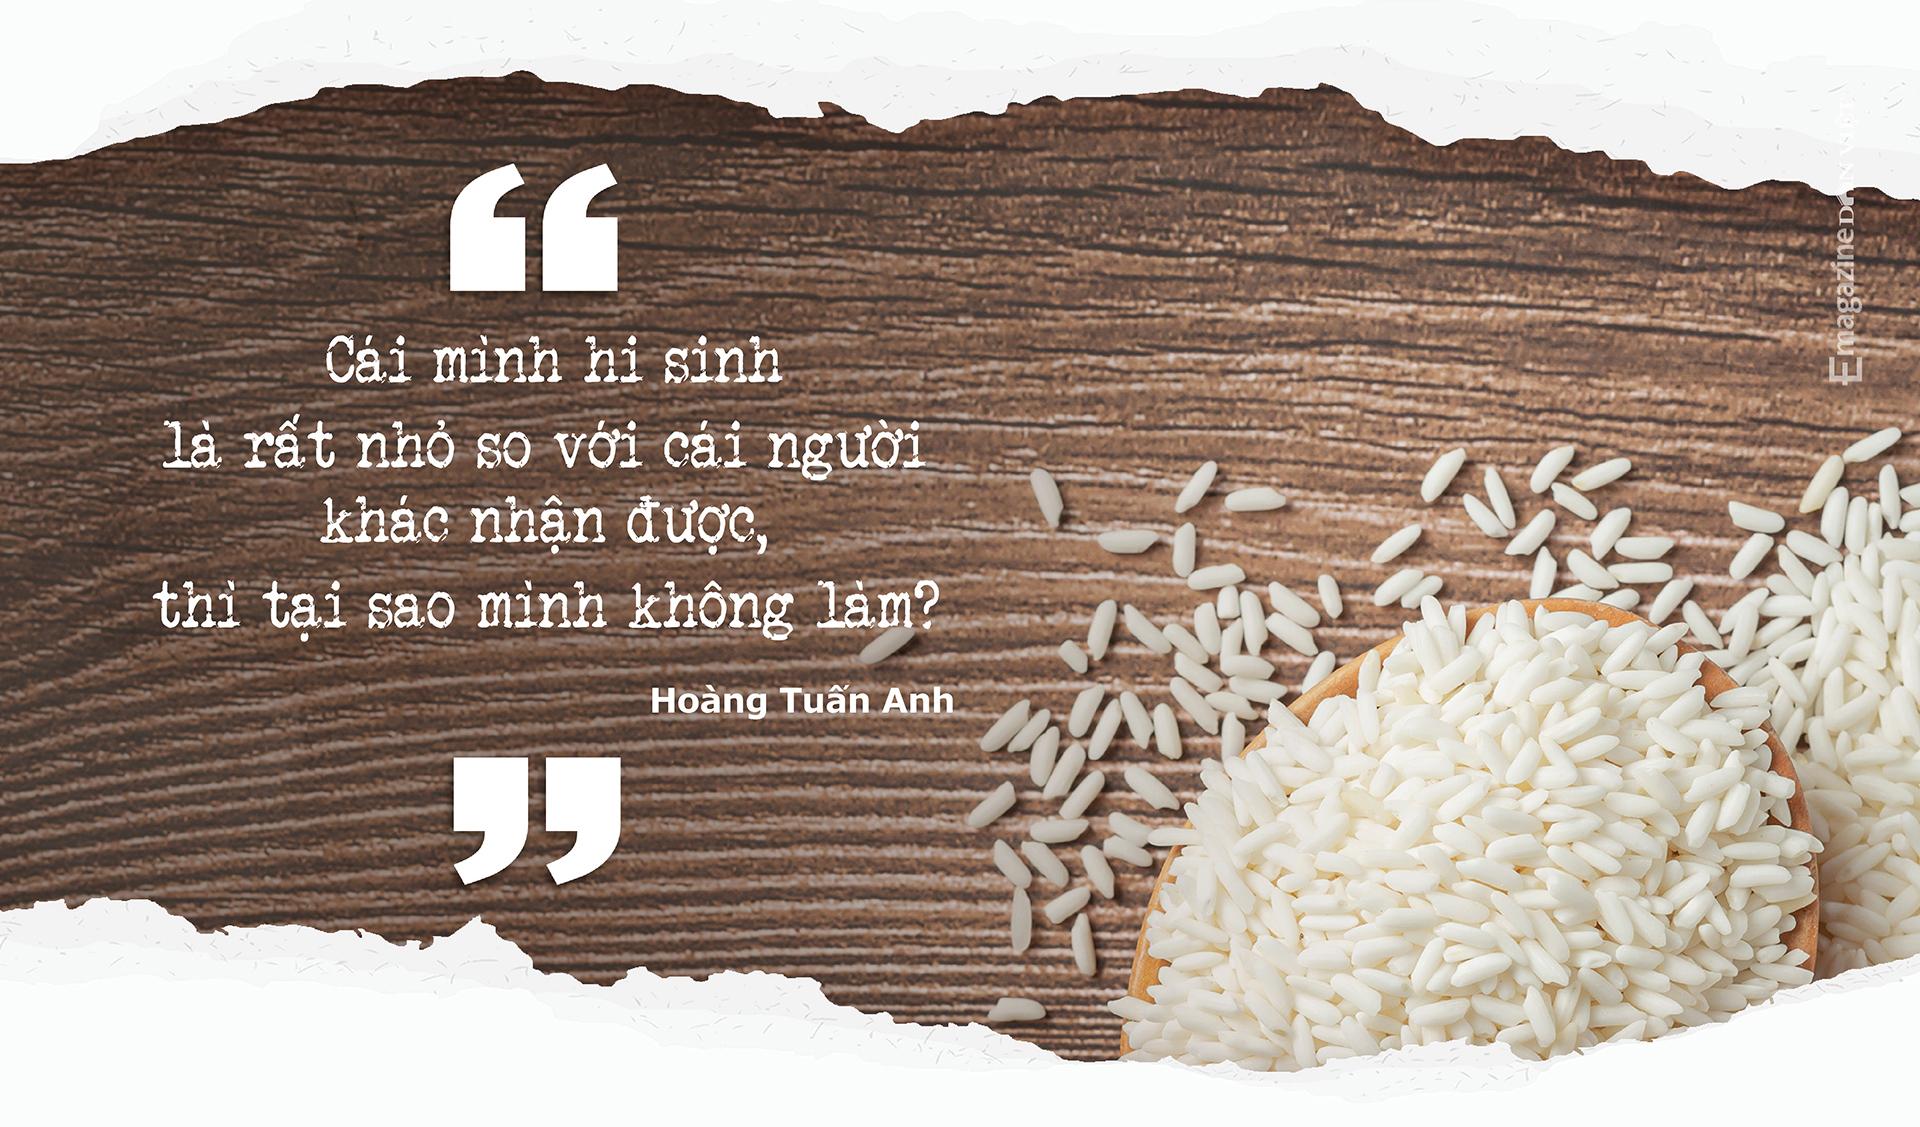 Cha đẻ ATM gạo Hoàng Tuấn Anh: TP.HCM giãn cách thì đóng bao 5kg gạo giao từng khu phong toả, xóm trọ… - Ảnh 12.